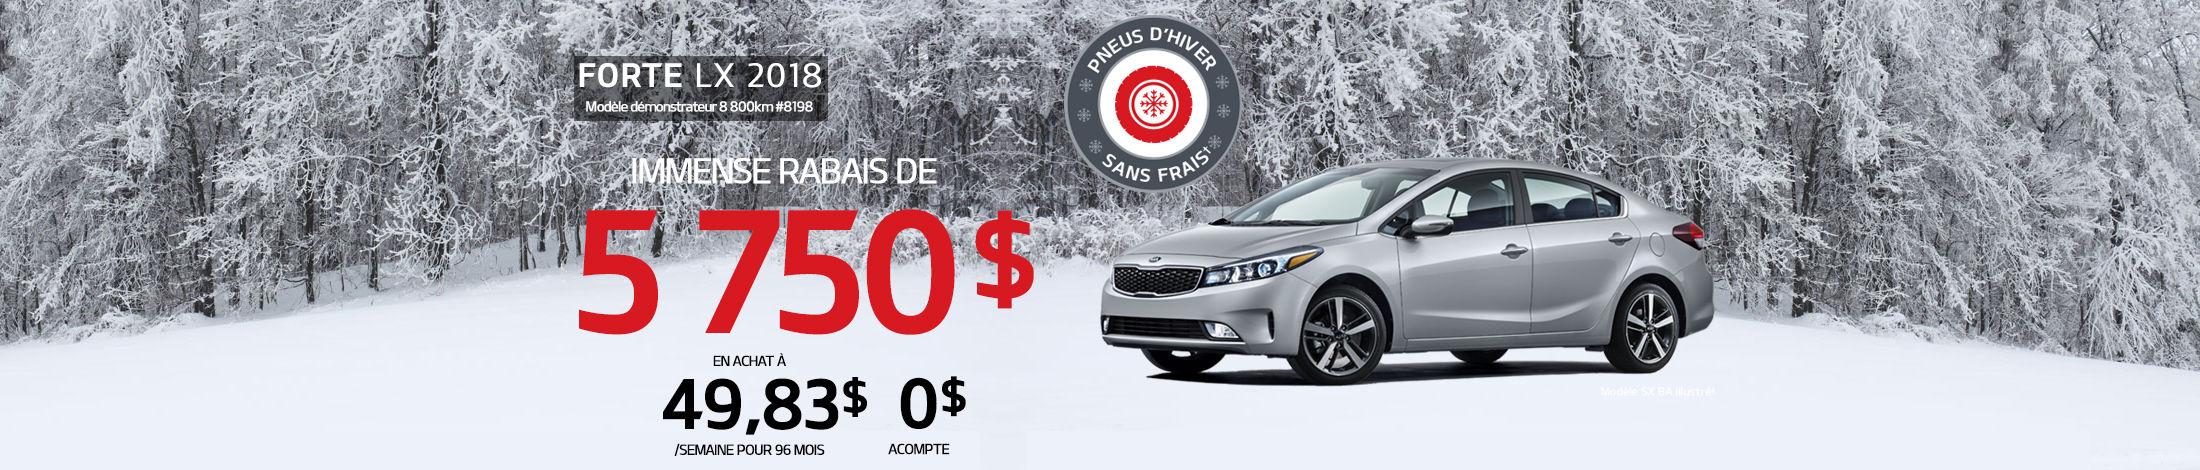 Kia Forte Promotion janvier